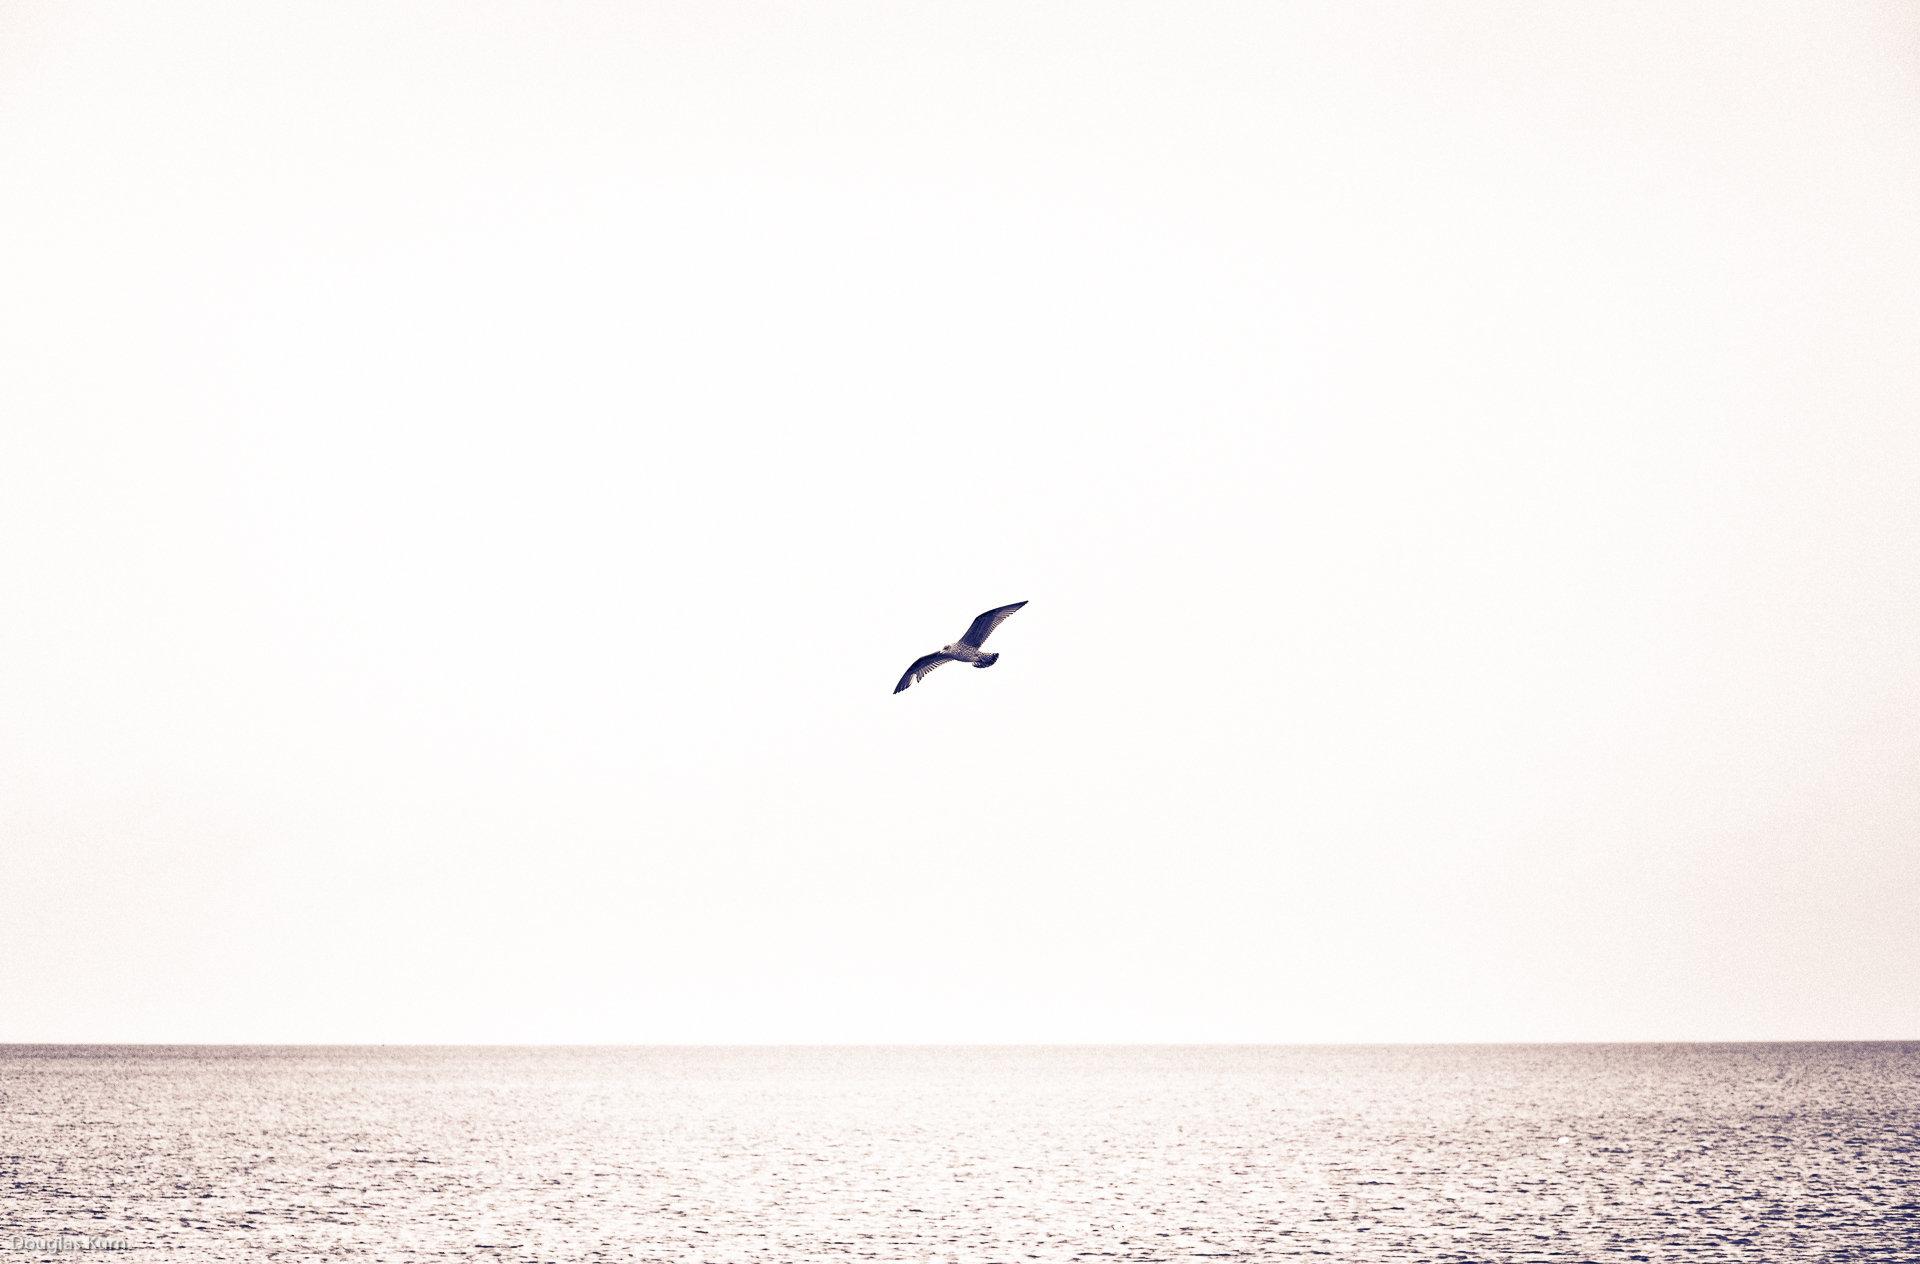 In flight, Skerries